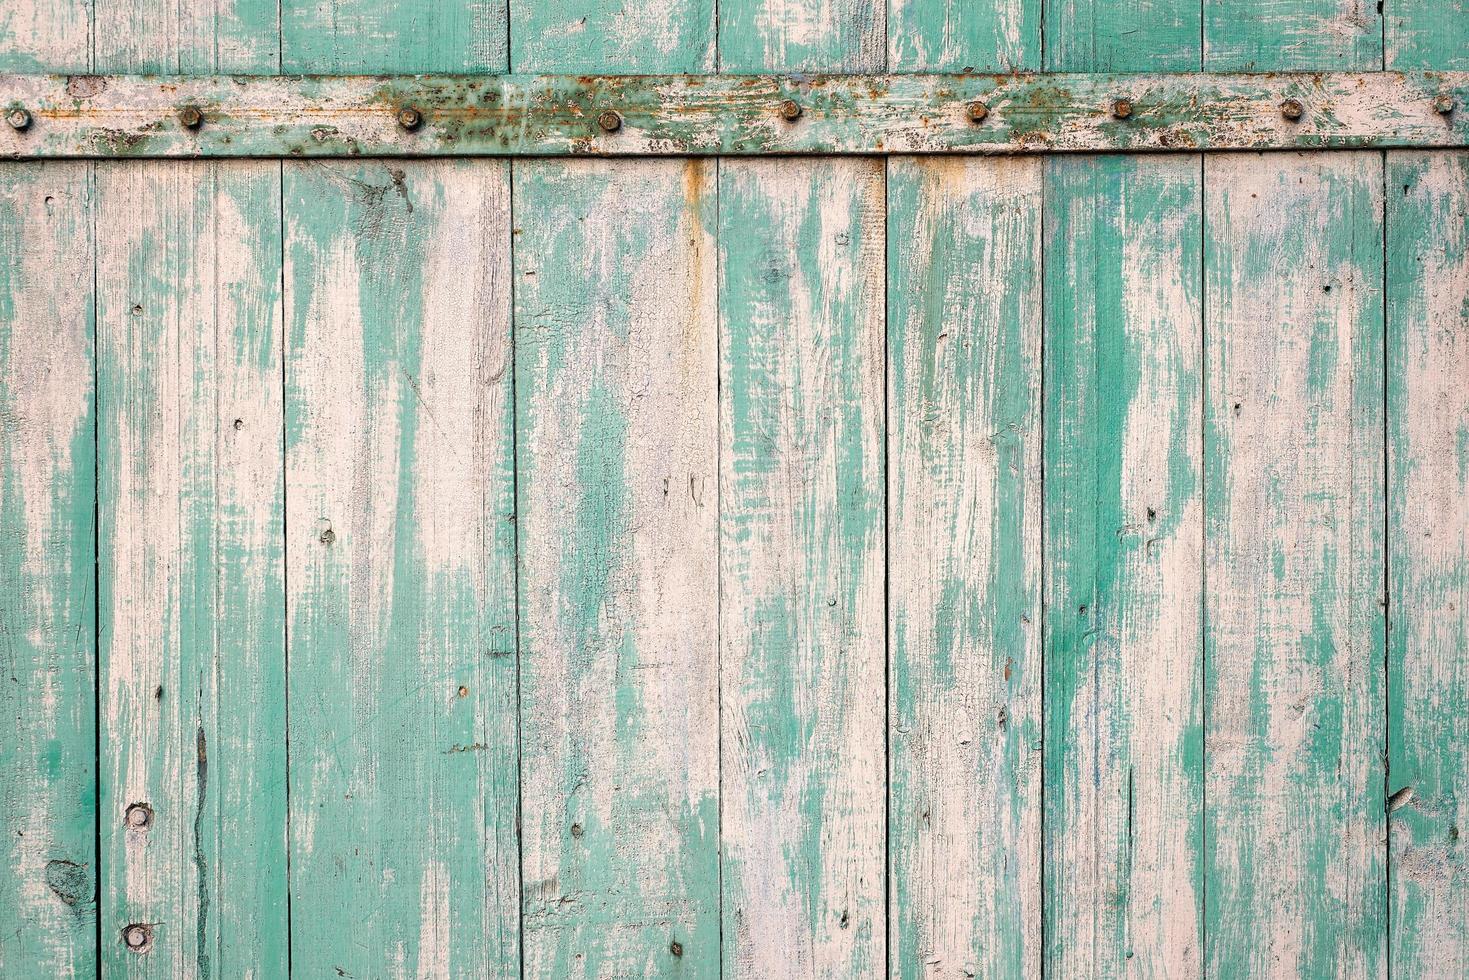 textur av gammalt trä rustik bakgrund med skalande ljusblå färg med rostiga metallelement. foto